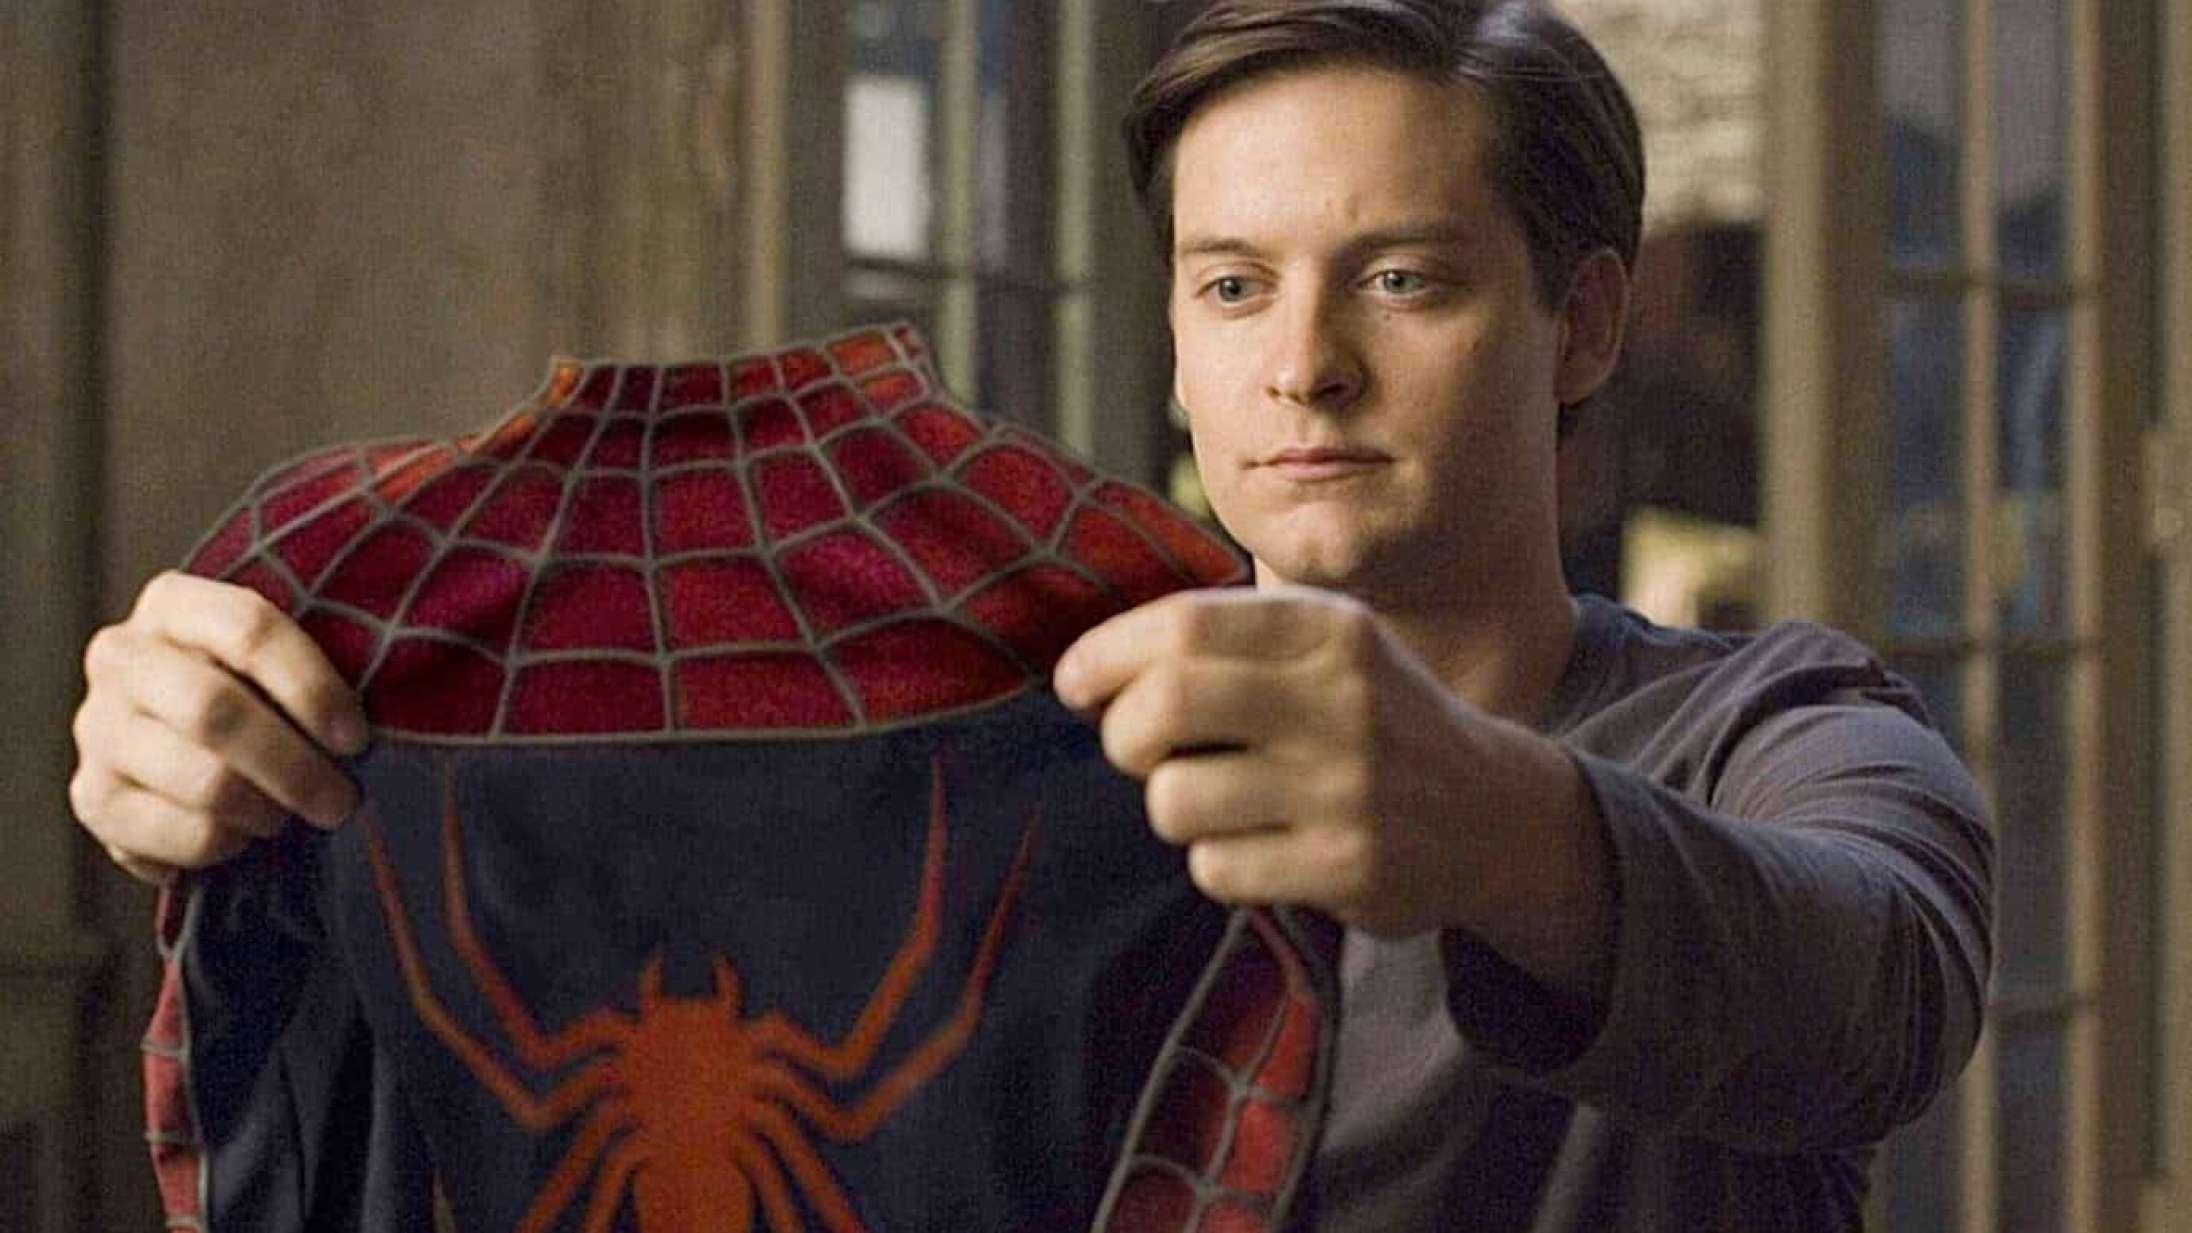 En lang række gamle 'Spider-Man'-skuespillere vender tilbage i kommende 'Spider-Man 3'